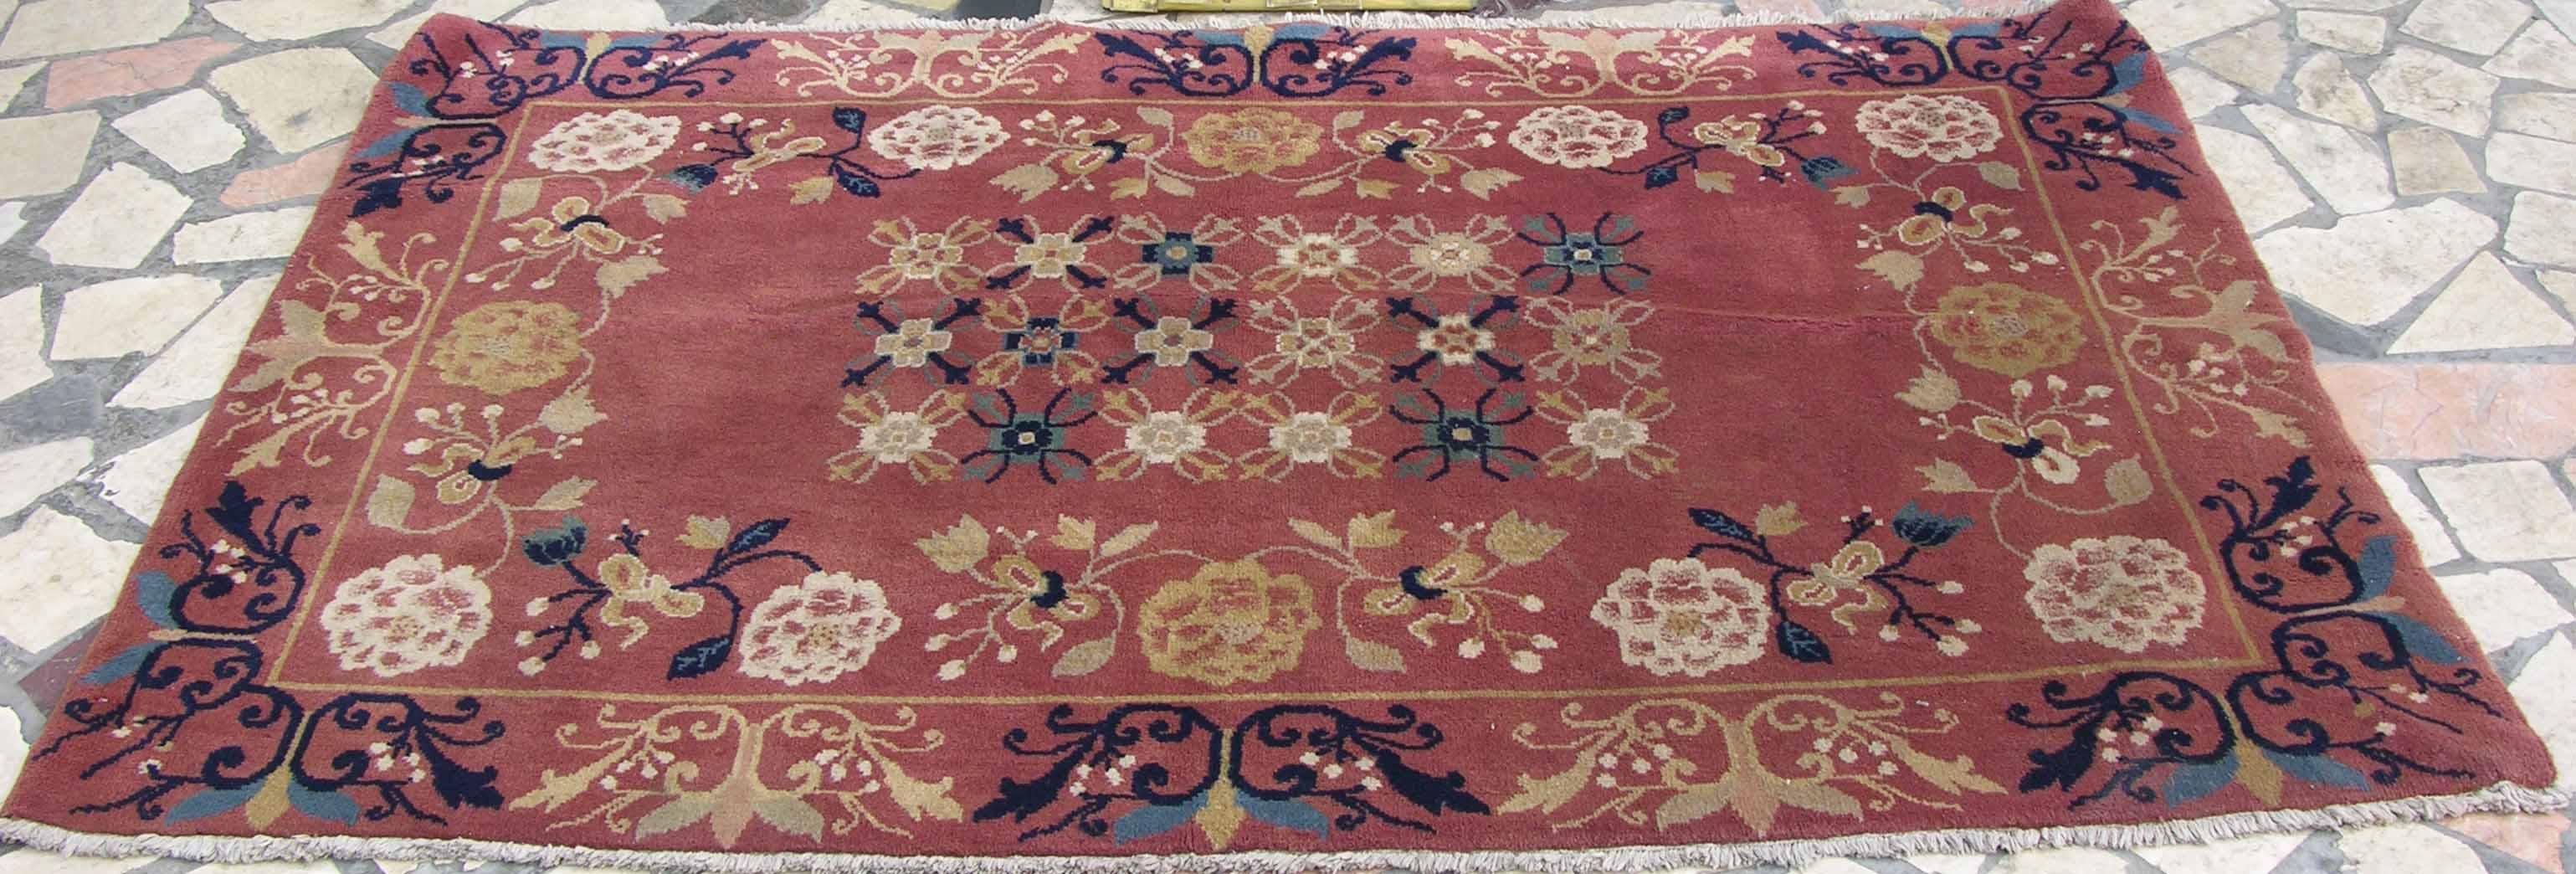 仿包头地毯红底色法式花纹样xn22